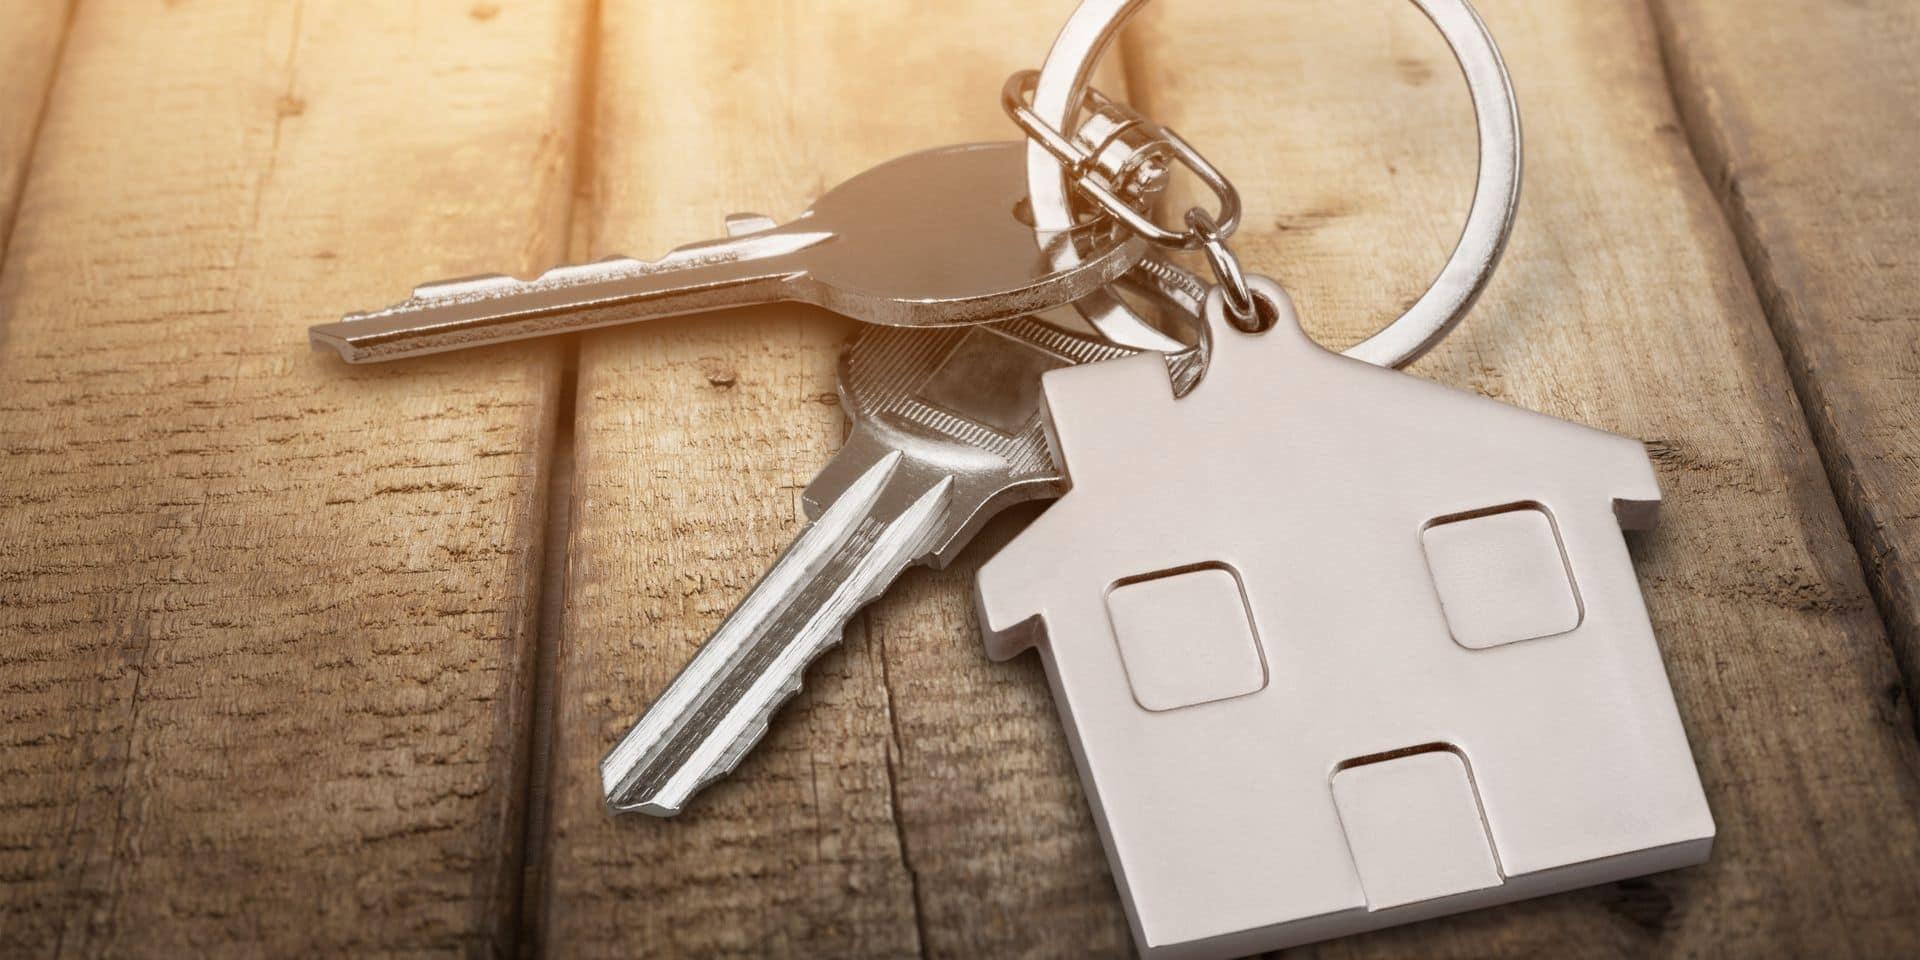 Les deux entreprises veulent s'imposer comme leader du marché immobilier.